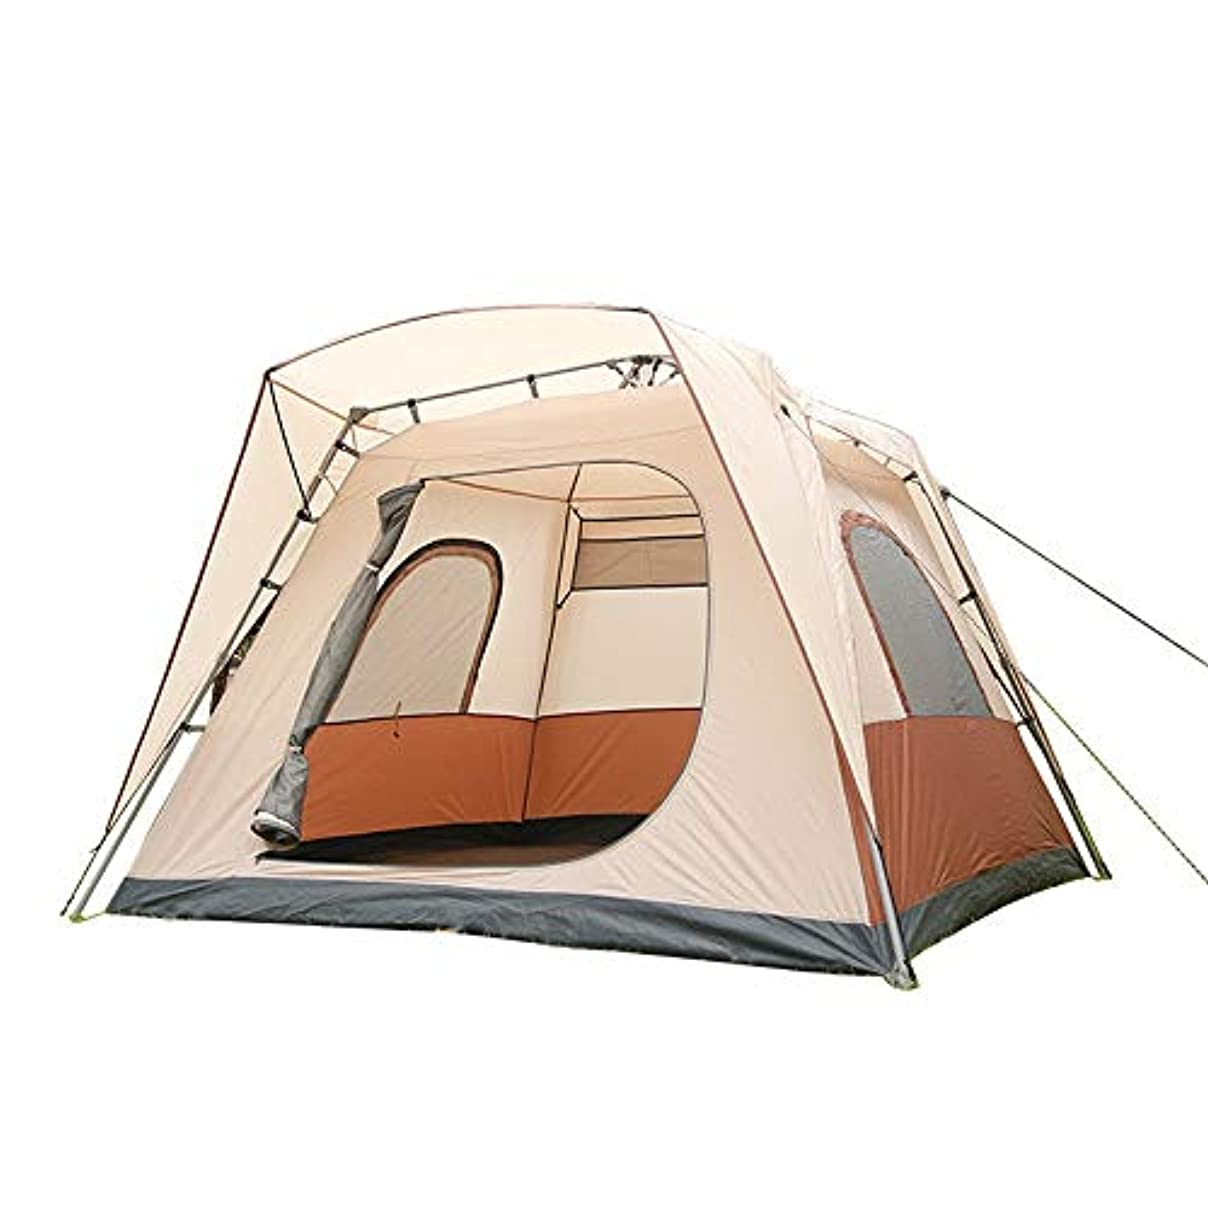 従順な道徳教育フィードバックWppolika 自動インスタント屋外キャンプテント自動テント5-8人防水日焼け止め防雨PU2000mm油圧スプリングテント210 Dオックスフォード布